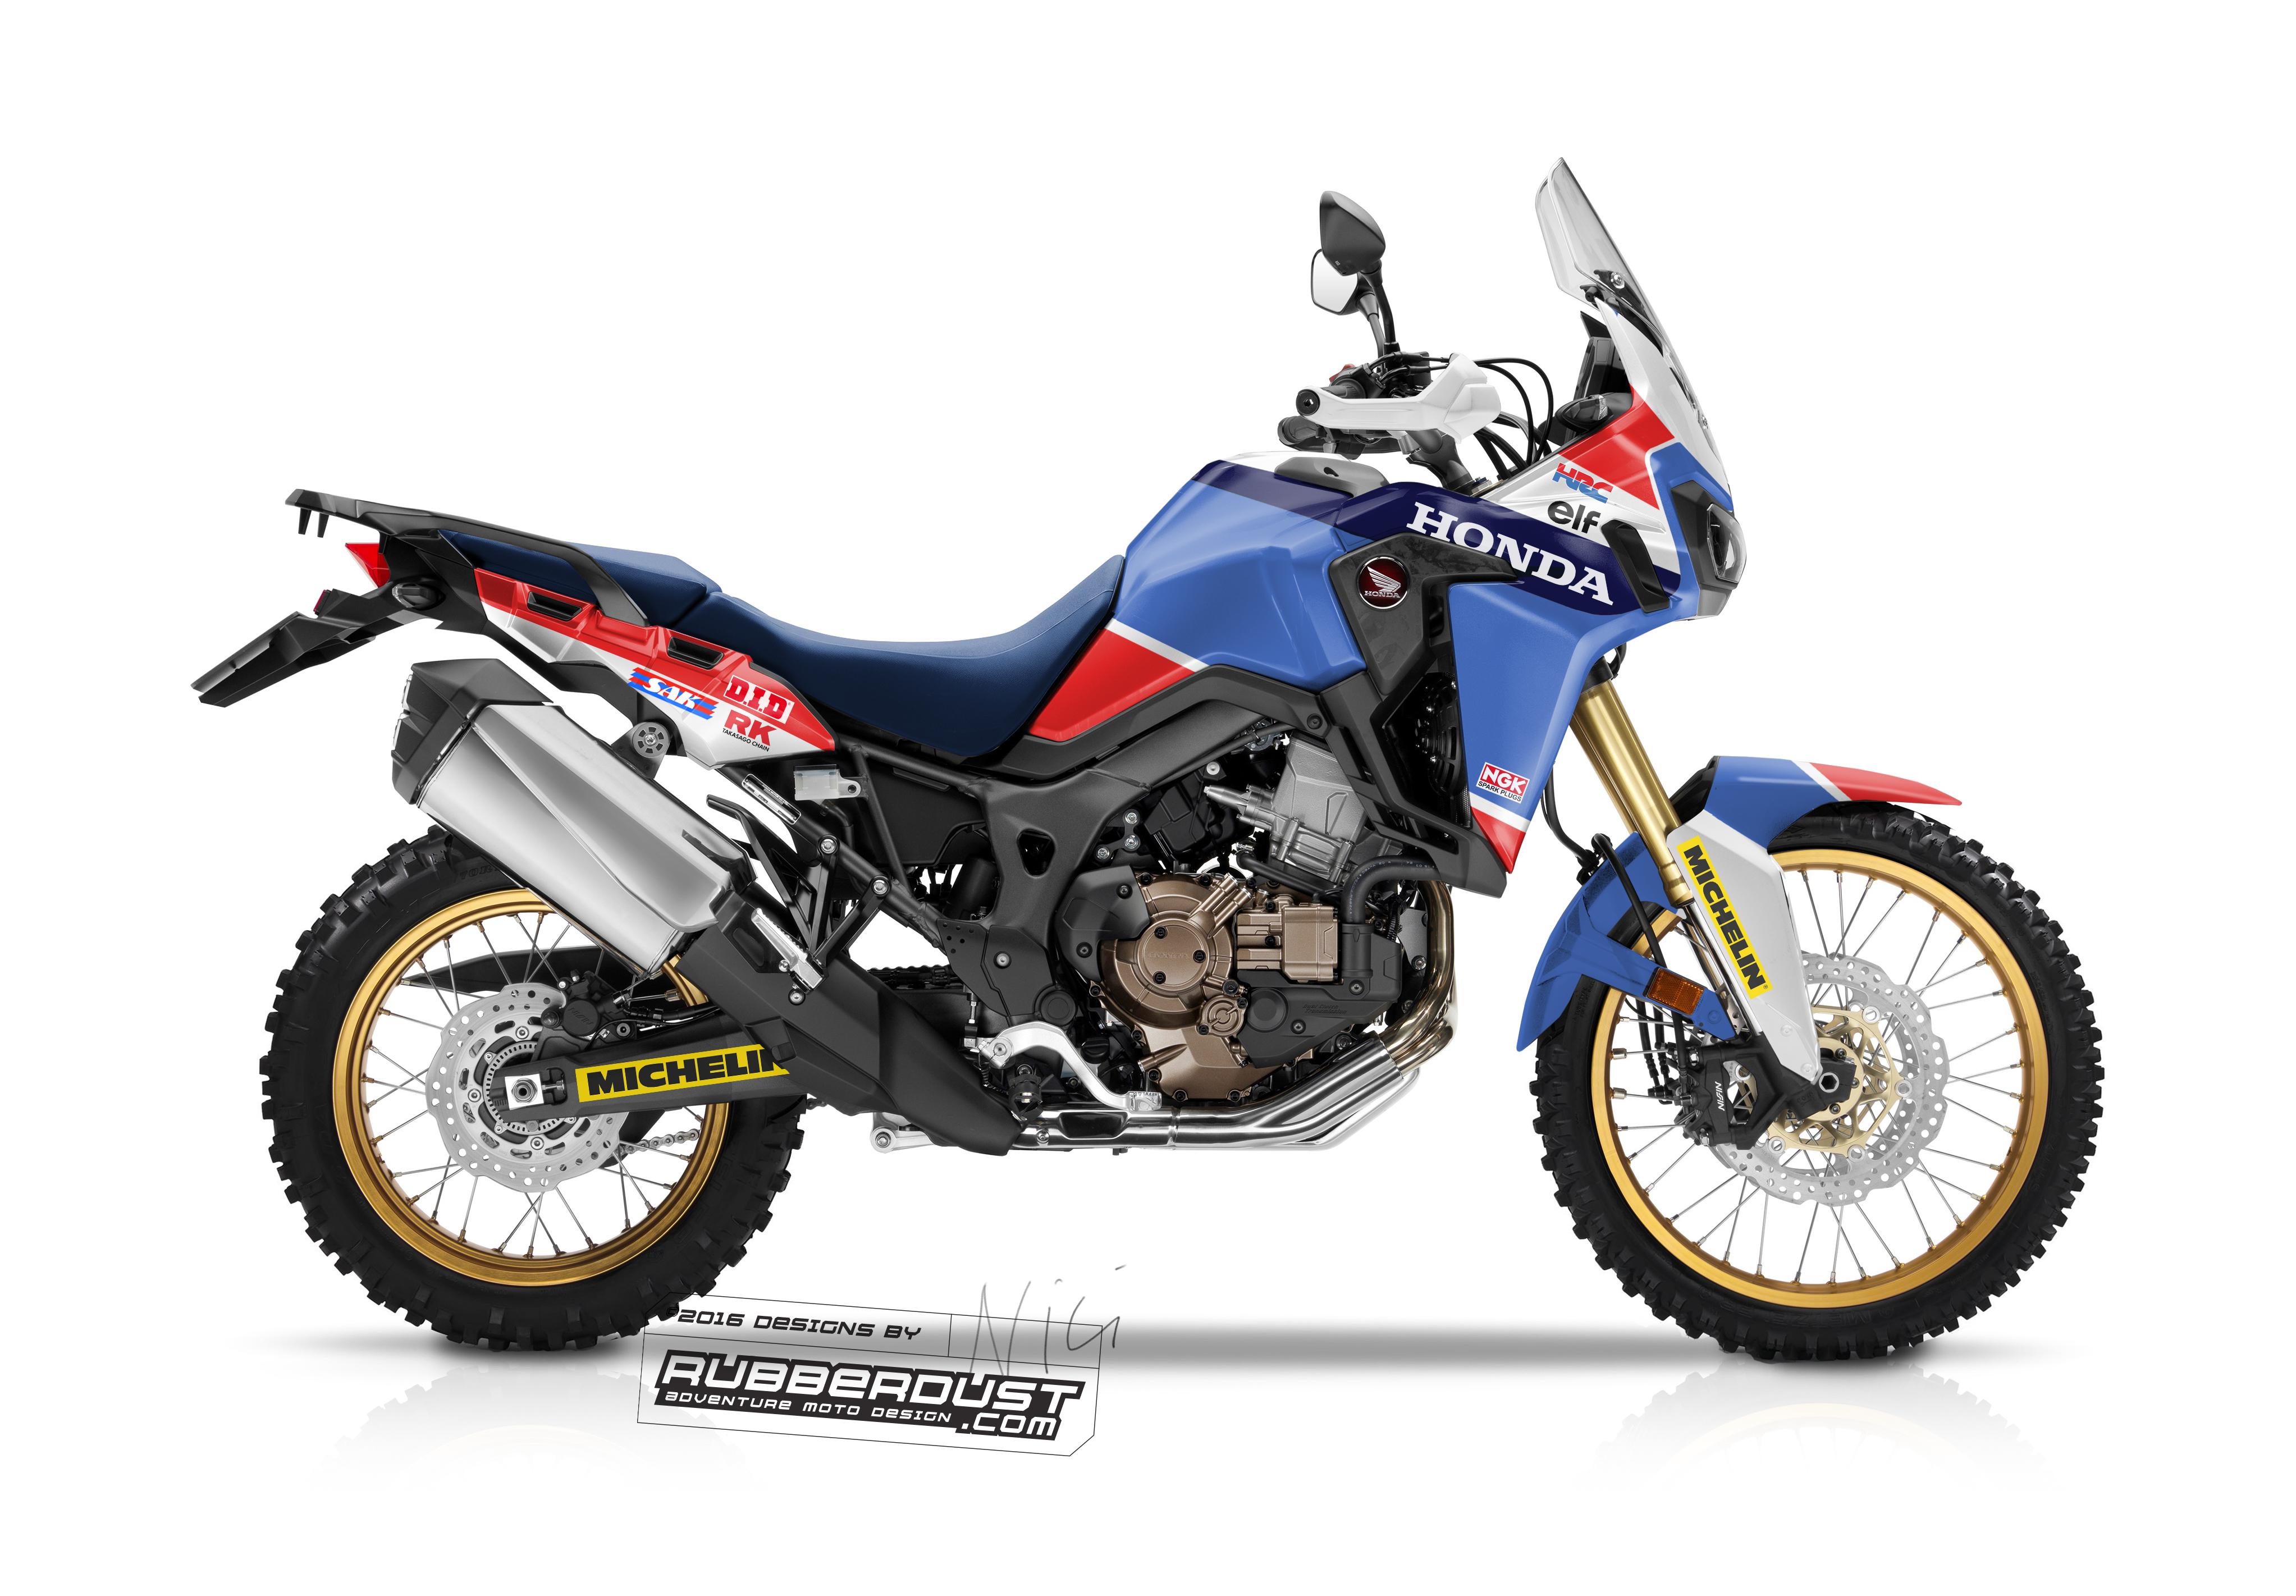 Yamaha Paris